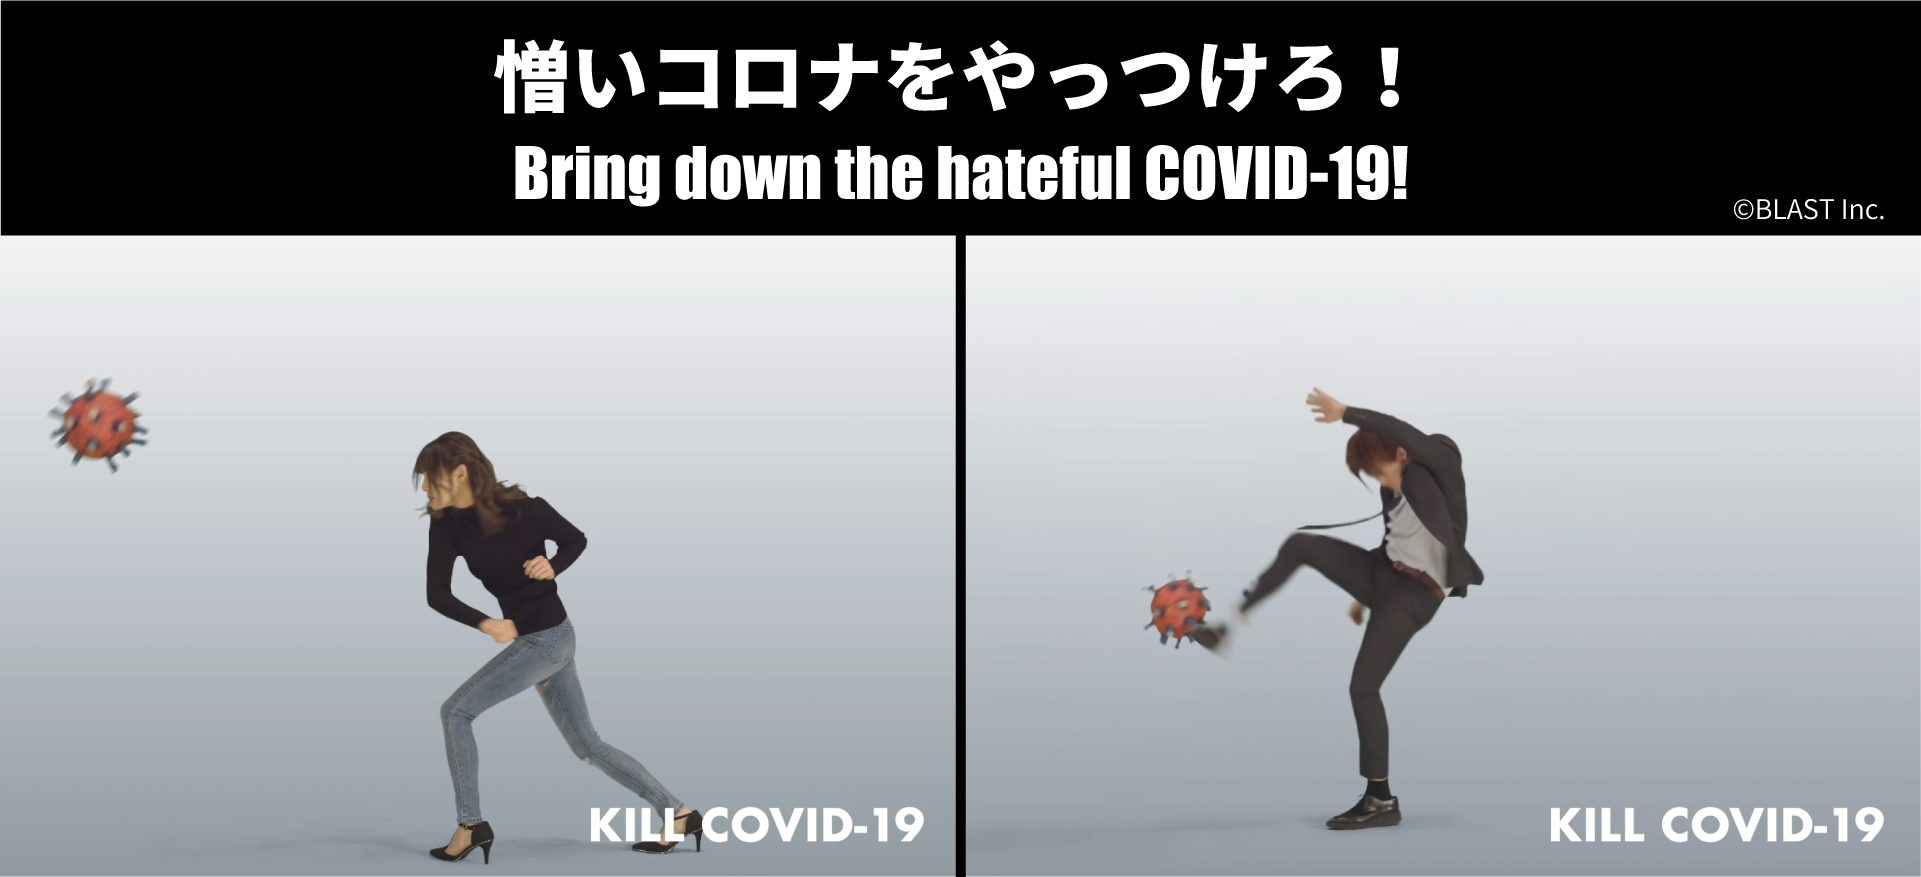 憎い コロナ 新型コロナウィルスと私たち『コロナが「憎い」』